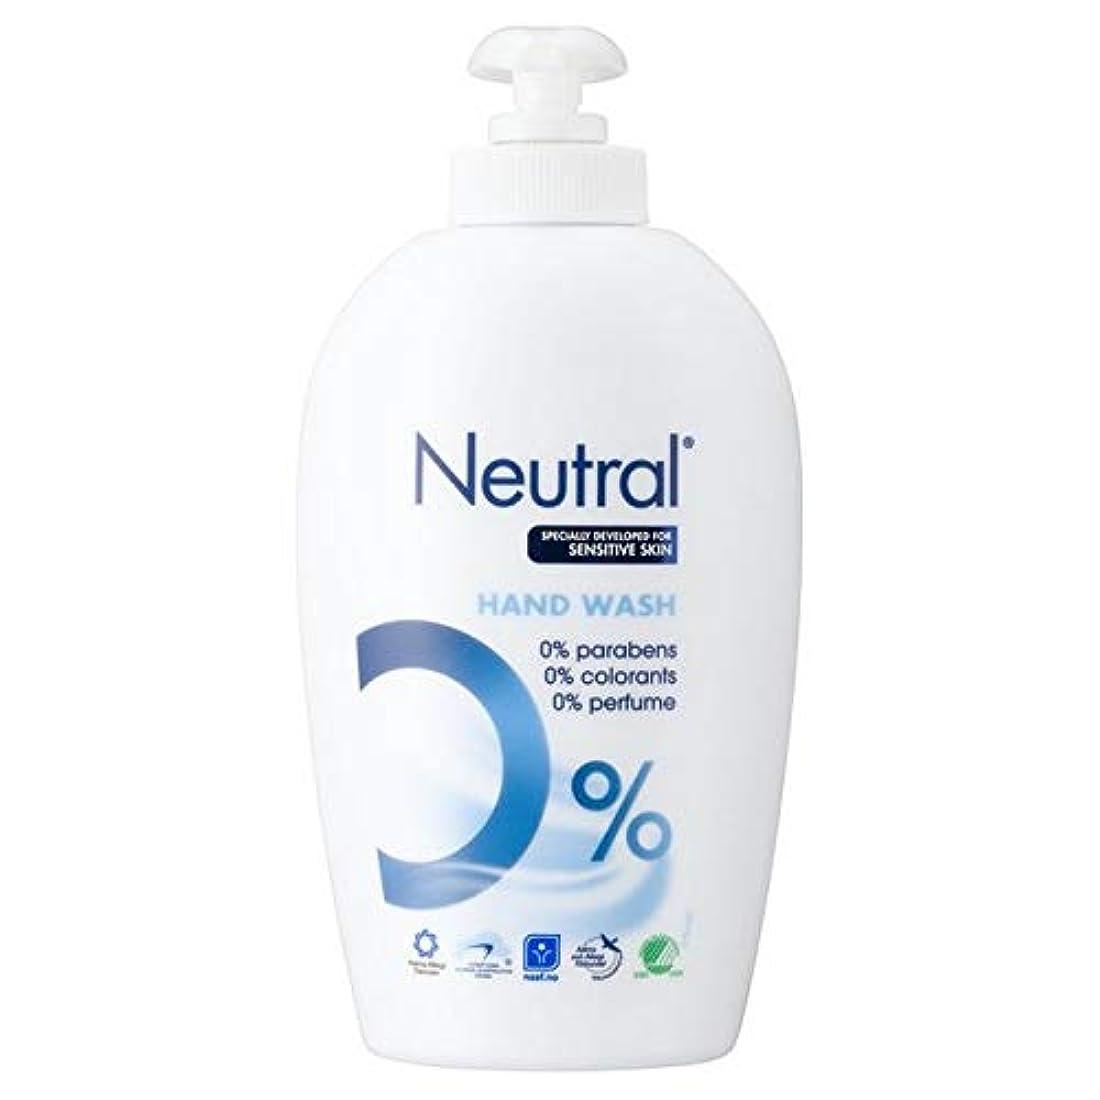 届ける苦行事業内容[Neutral ] ニュートラル0%のハンドウォッシュ250ミリリットル - Neutral 0% Hand Wash 250ml [並行輸入品]